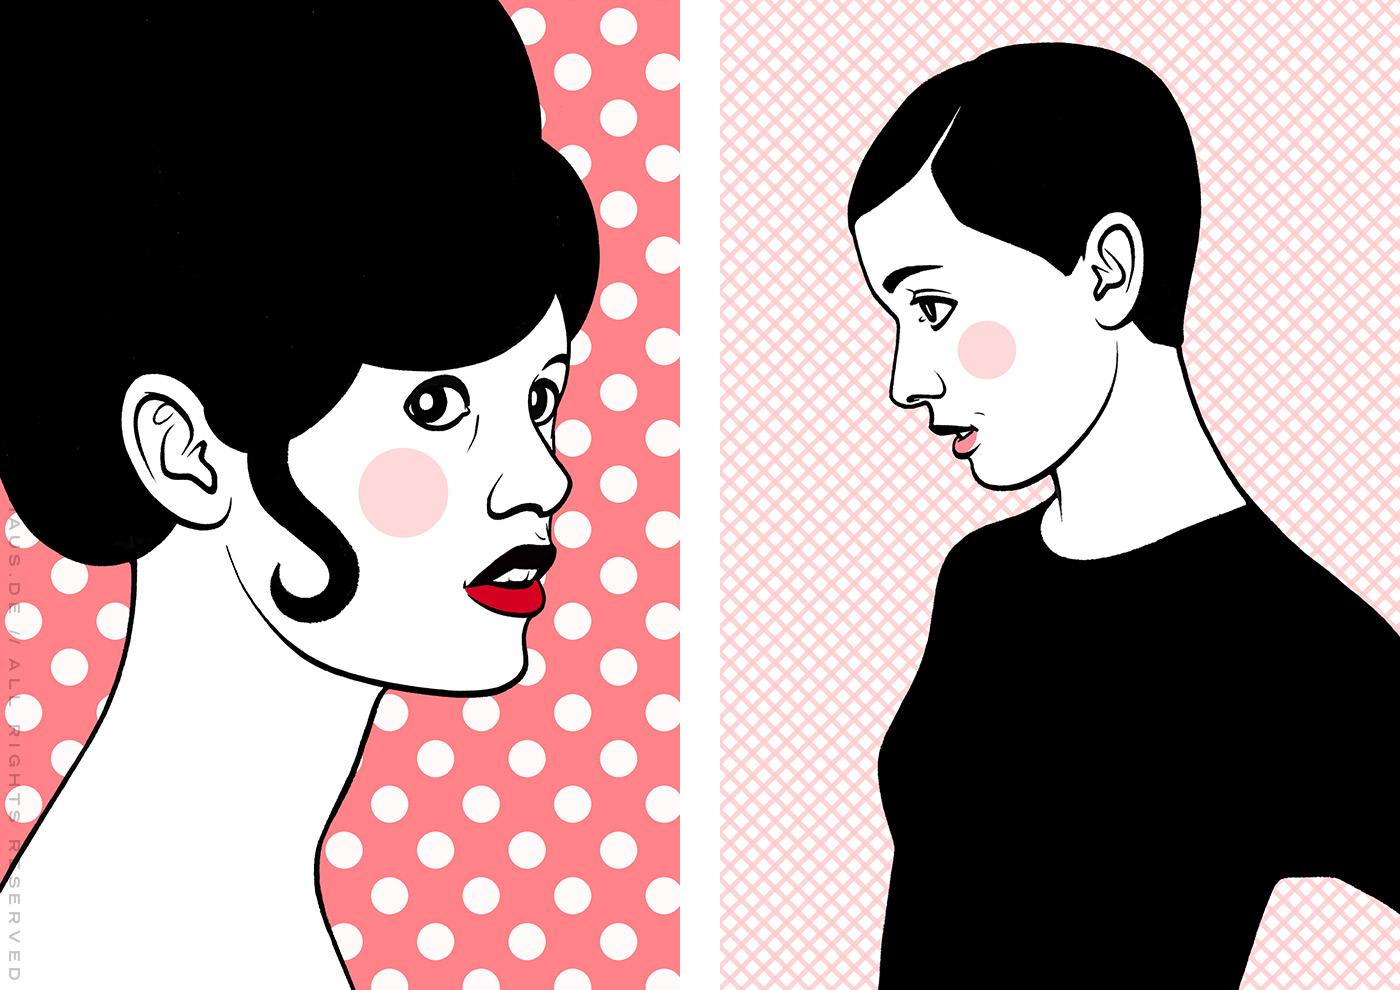 Comic Popart Retro Tusche Zeichnung mit Portraits von Brigitte Bardot und Audrey Hepburn als Heldinnen der Sixties